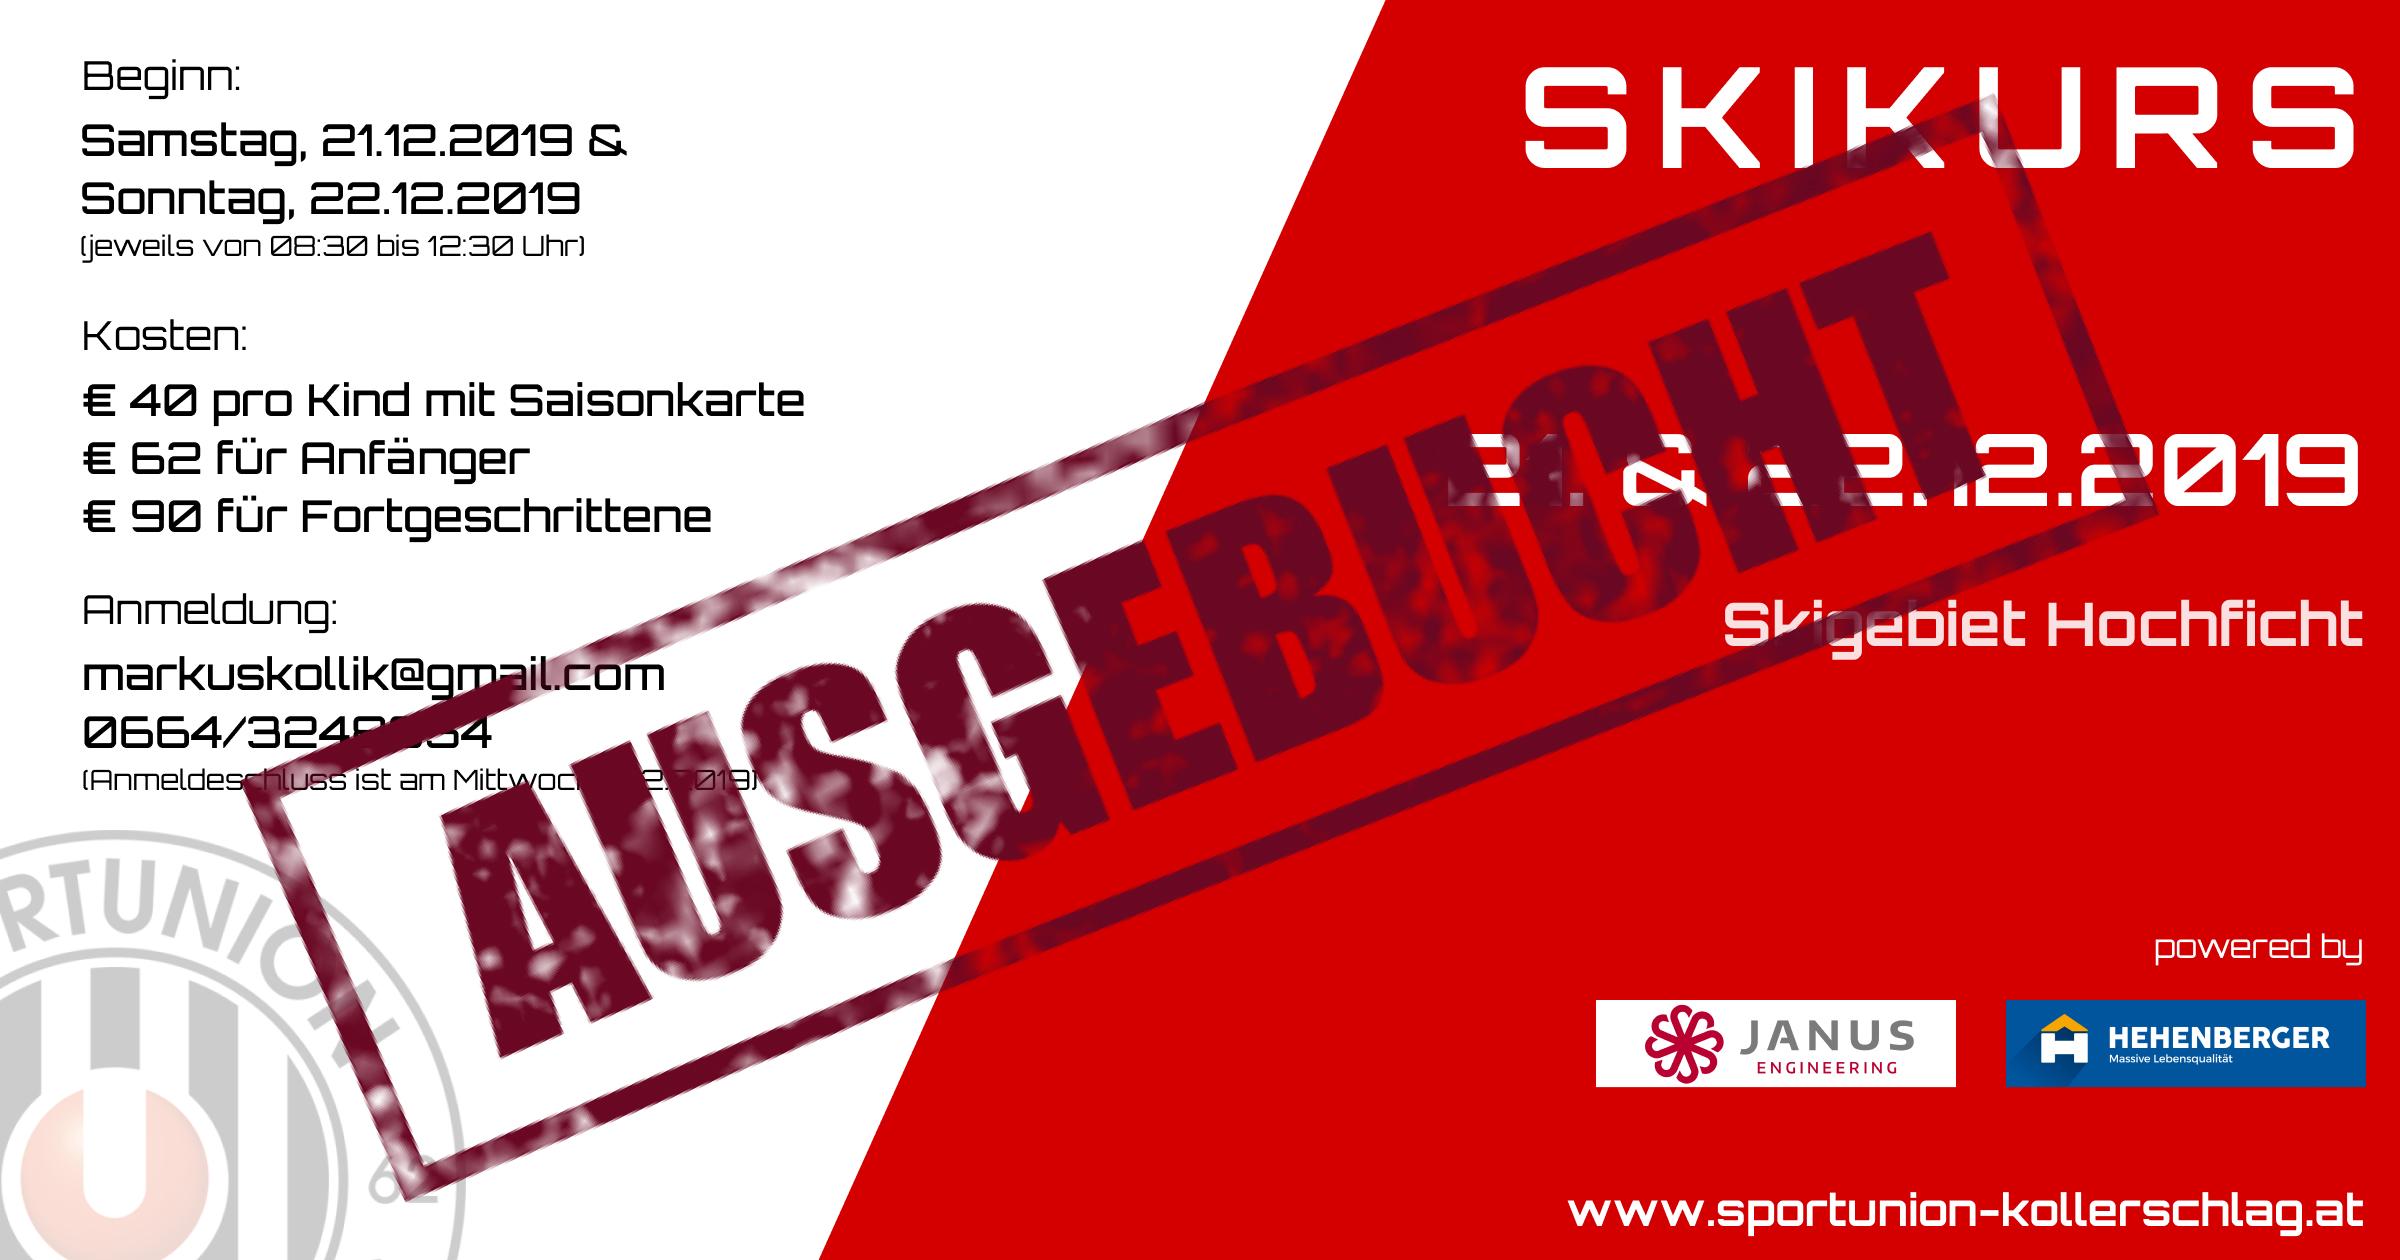 Der Skikurs Ende Dezember 2019 ist bereits ausgebucht